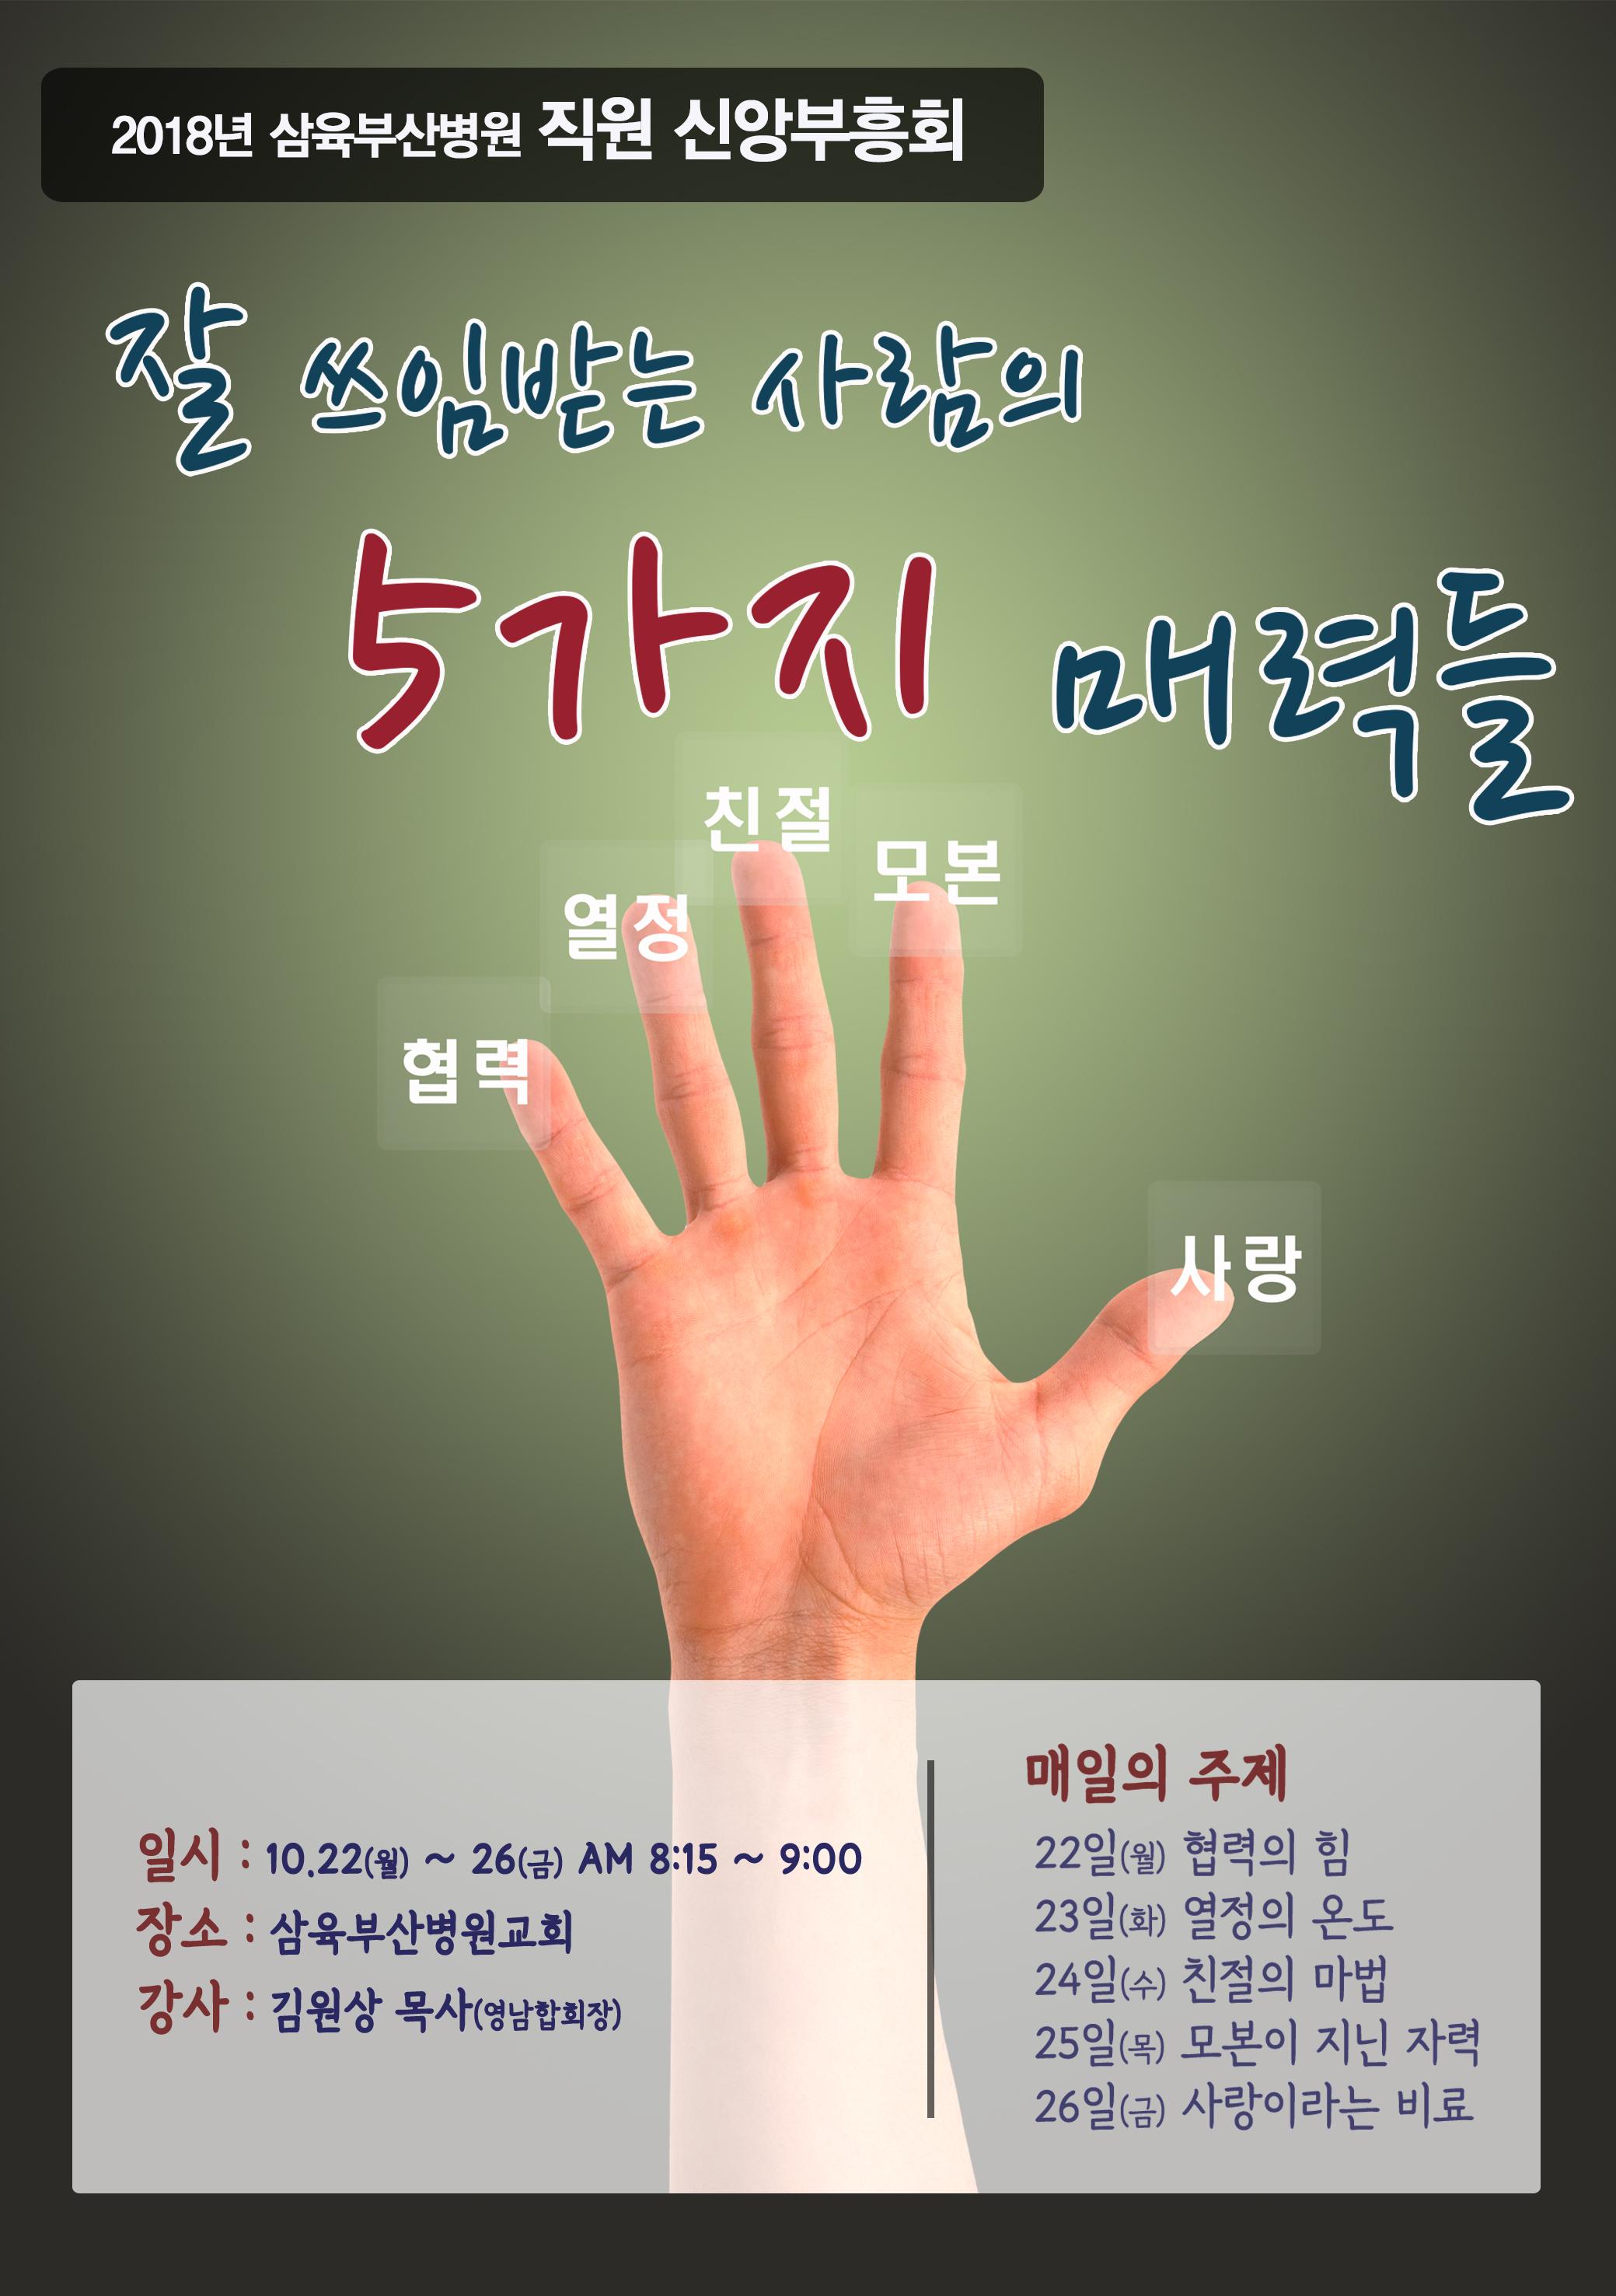 SNS 홍보용(직원신앙부흥회